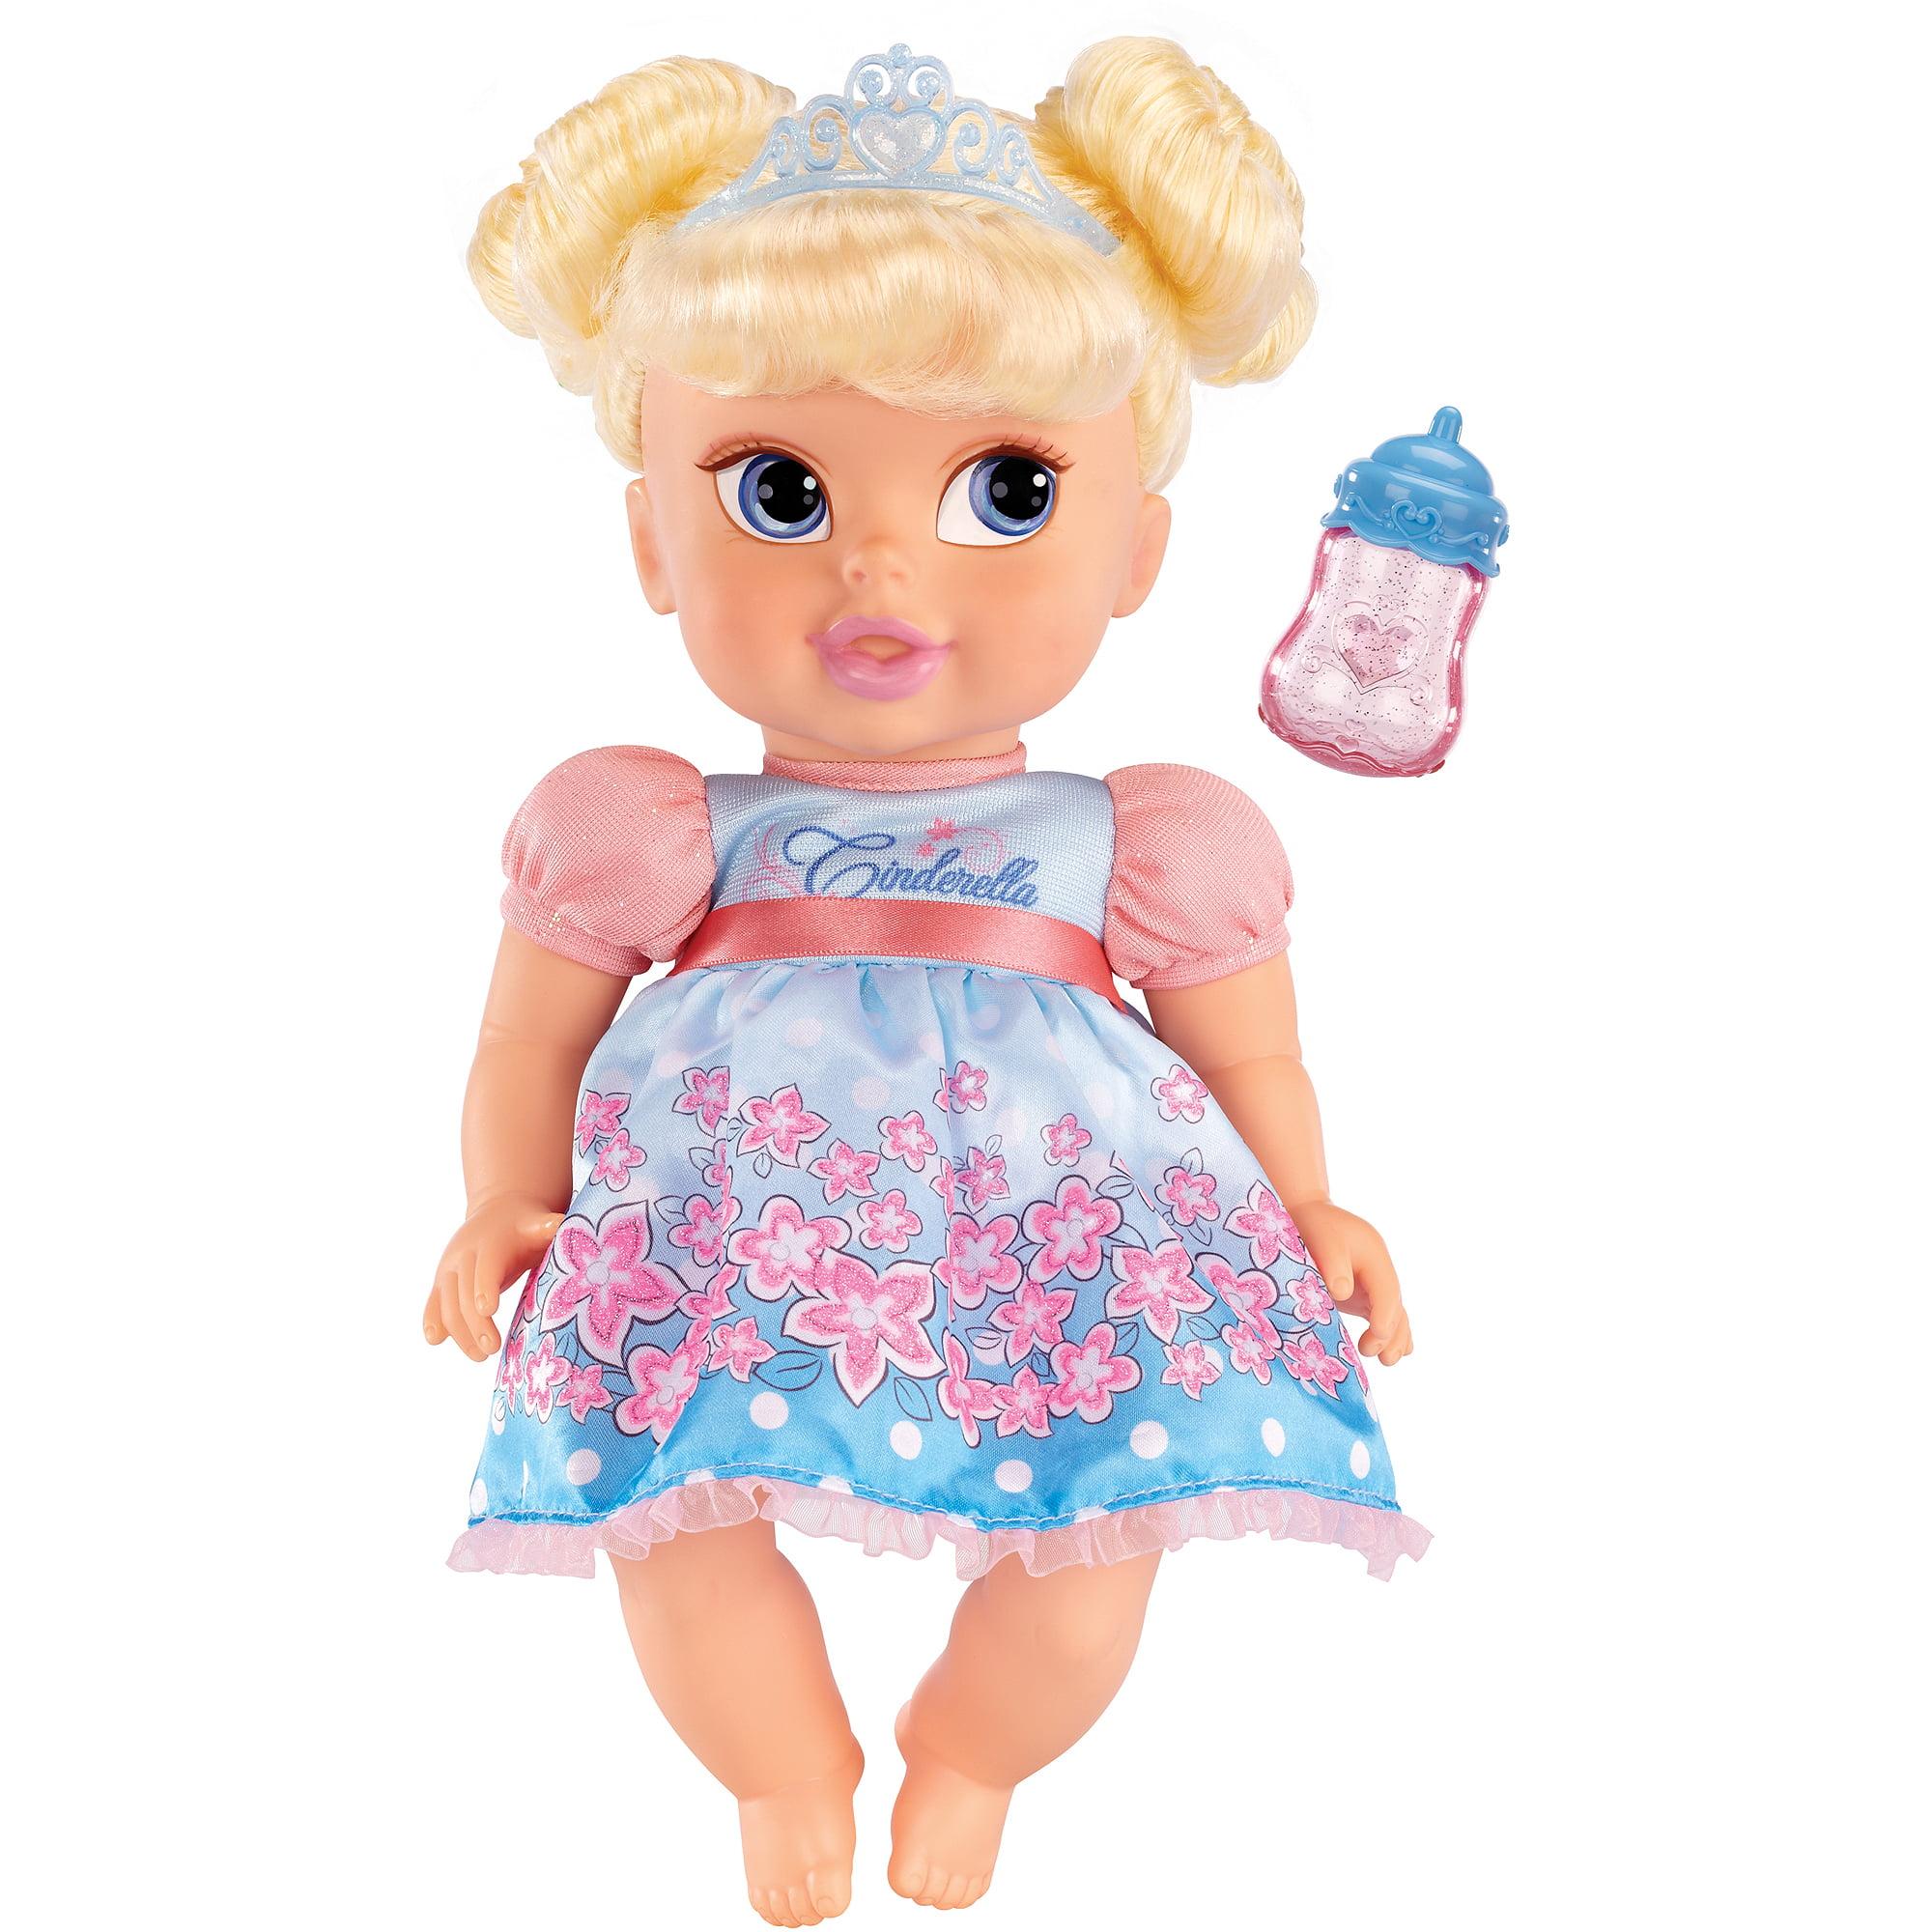 Disney Princess Deluxe Baby Doll, Cinderella